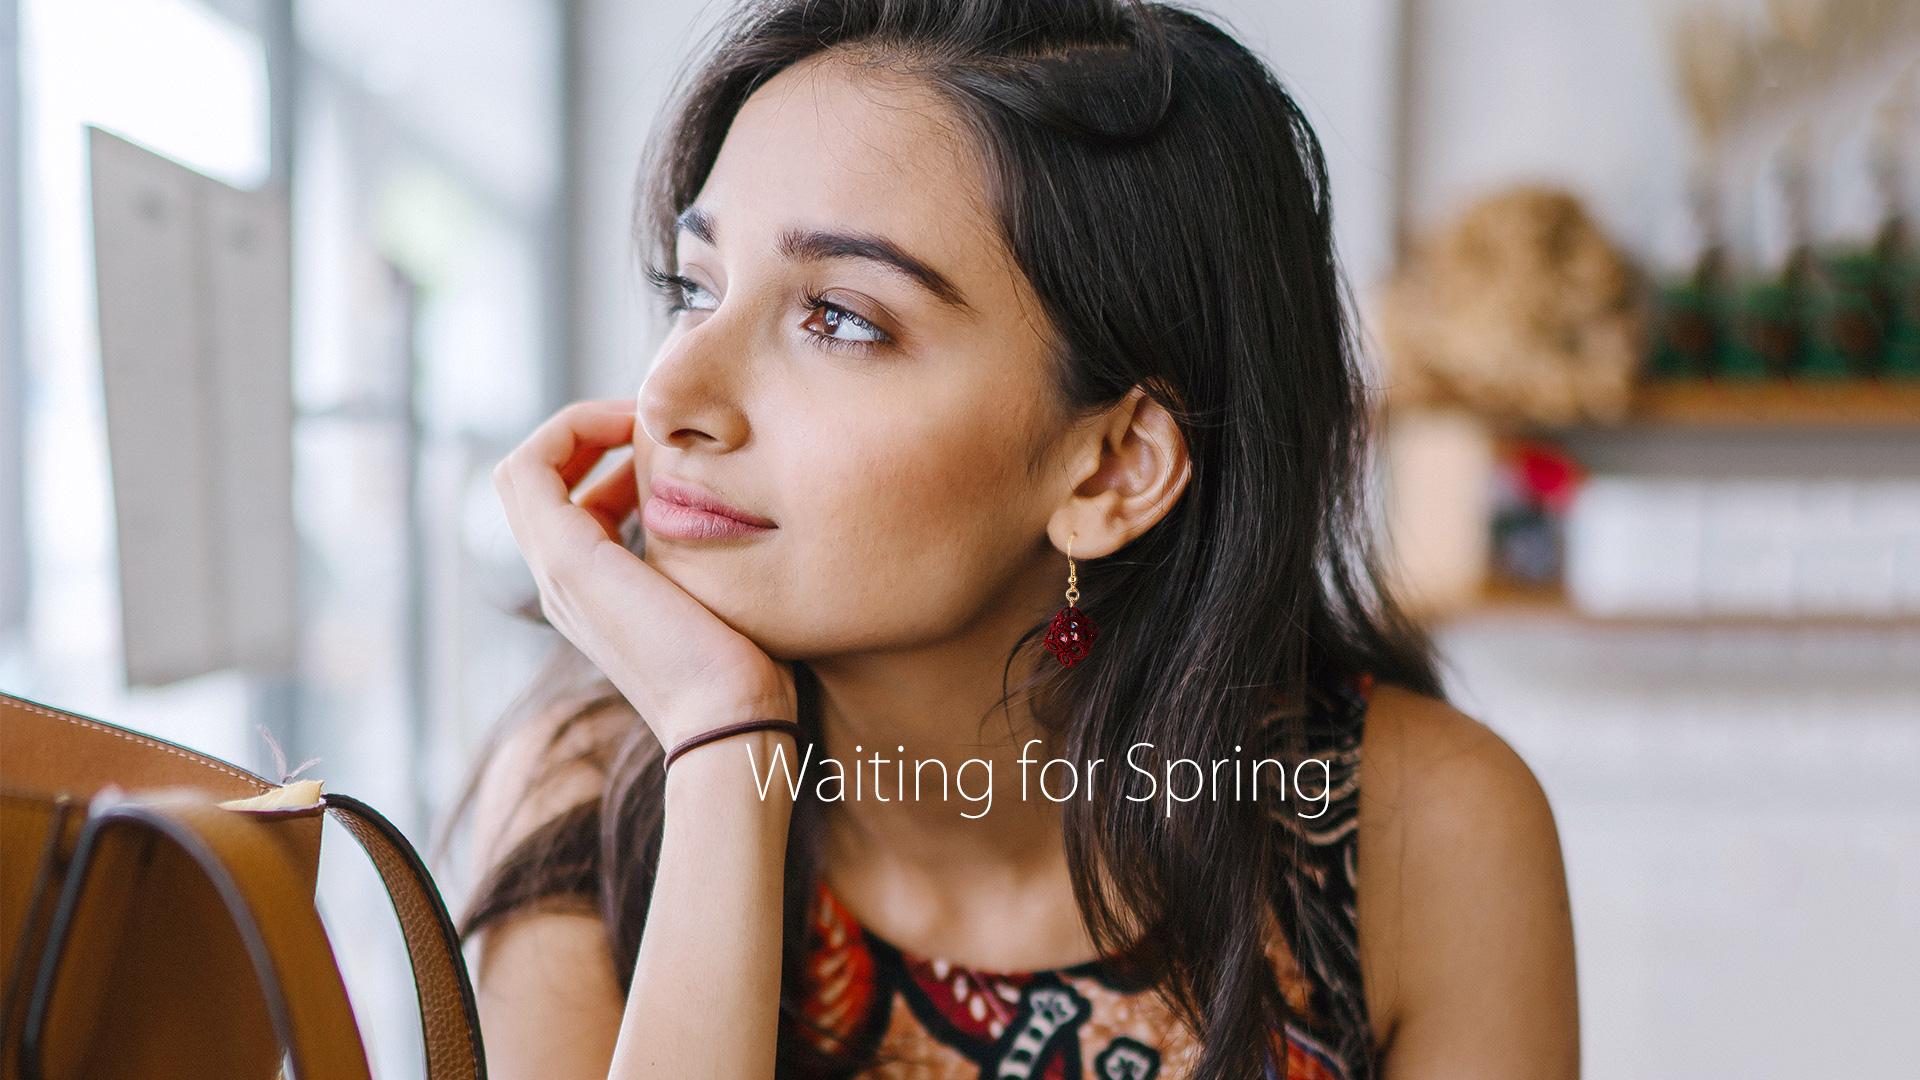 2019年2月のフォトスタジオISホームページトップ画像-春を待つレースピアスを付けた女性